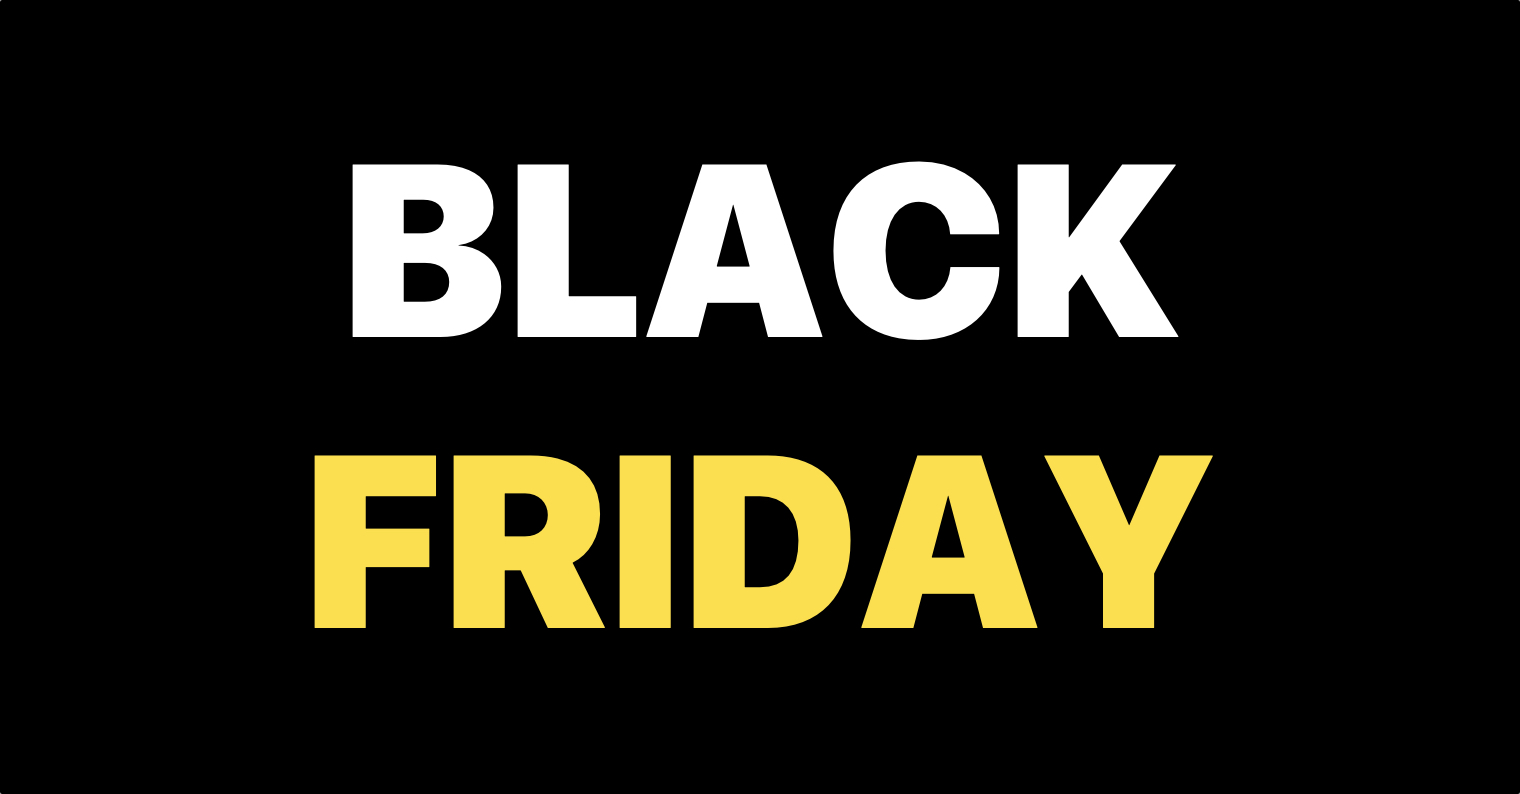 Black-Friday-jab-FB